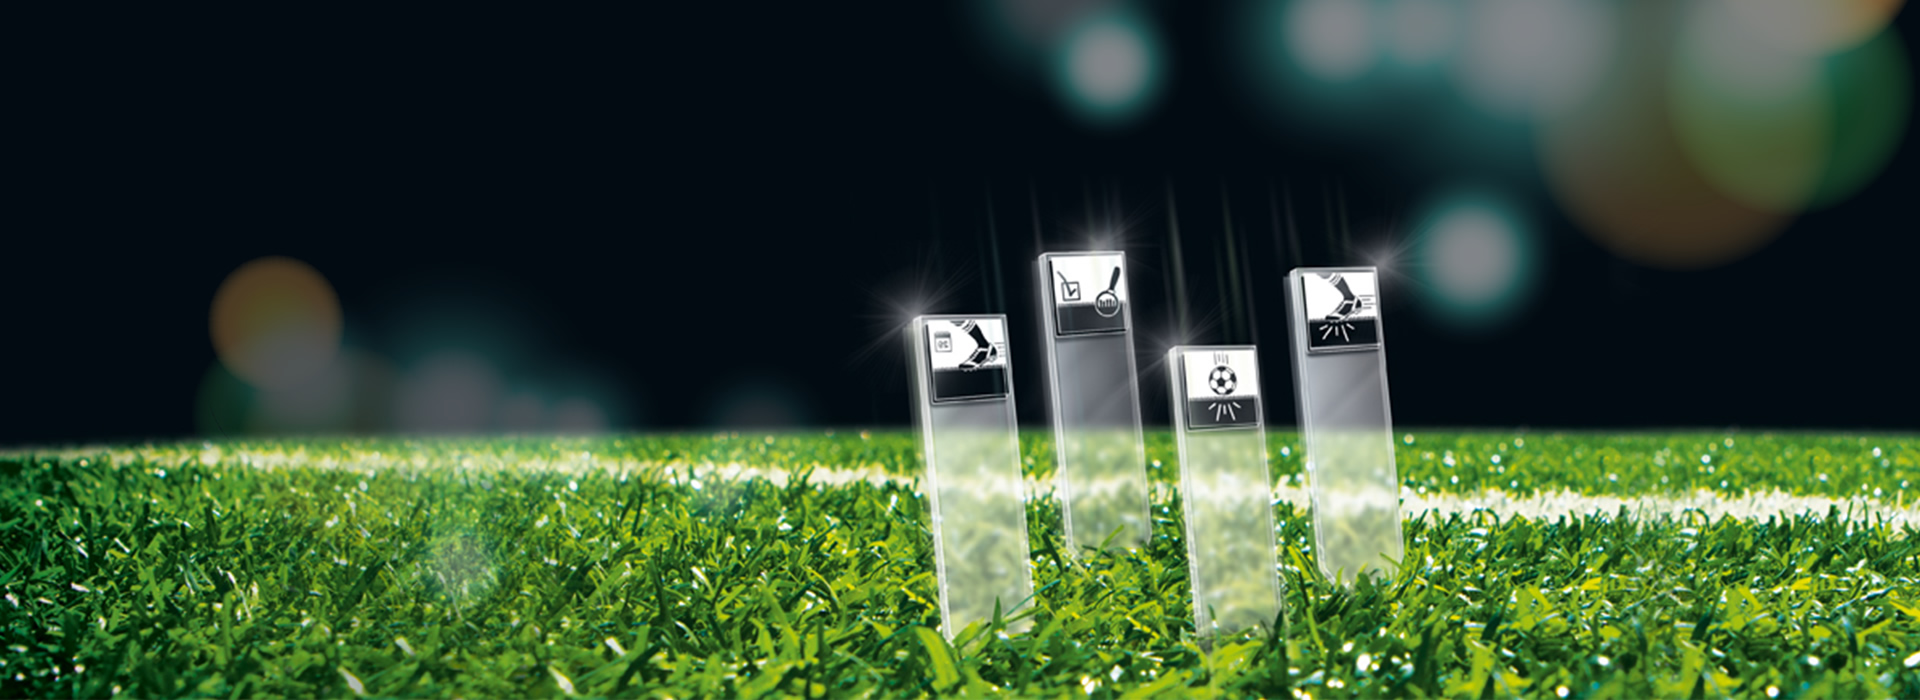 Fabricant préférentiel pour les terrains de football du gazon artificiel